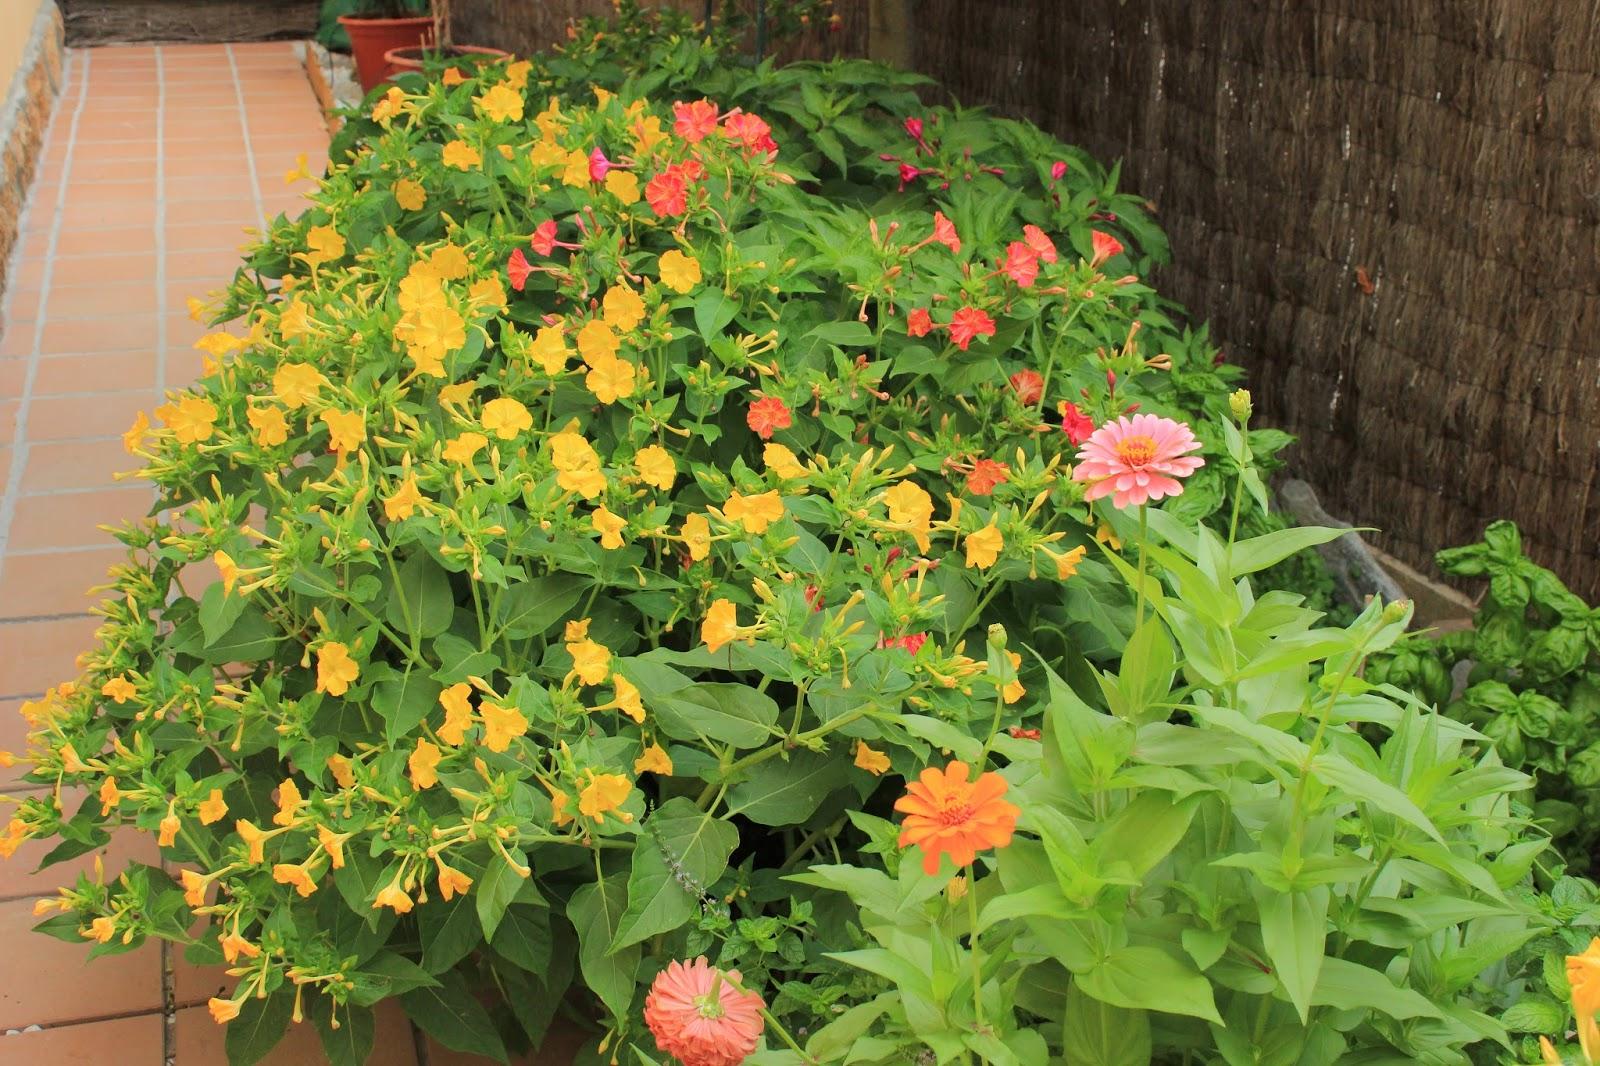 Arte y jardiner a flores y plantas de arte y jardiner a for Jardineria y plantas